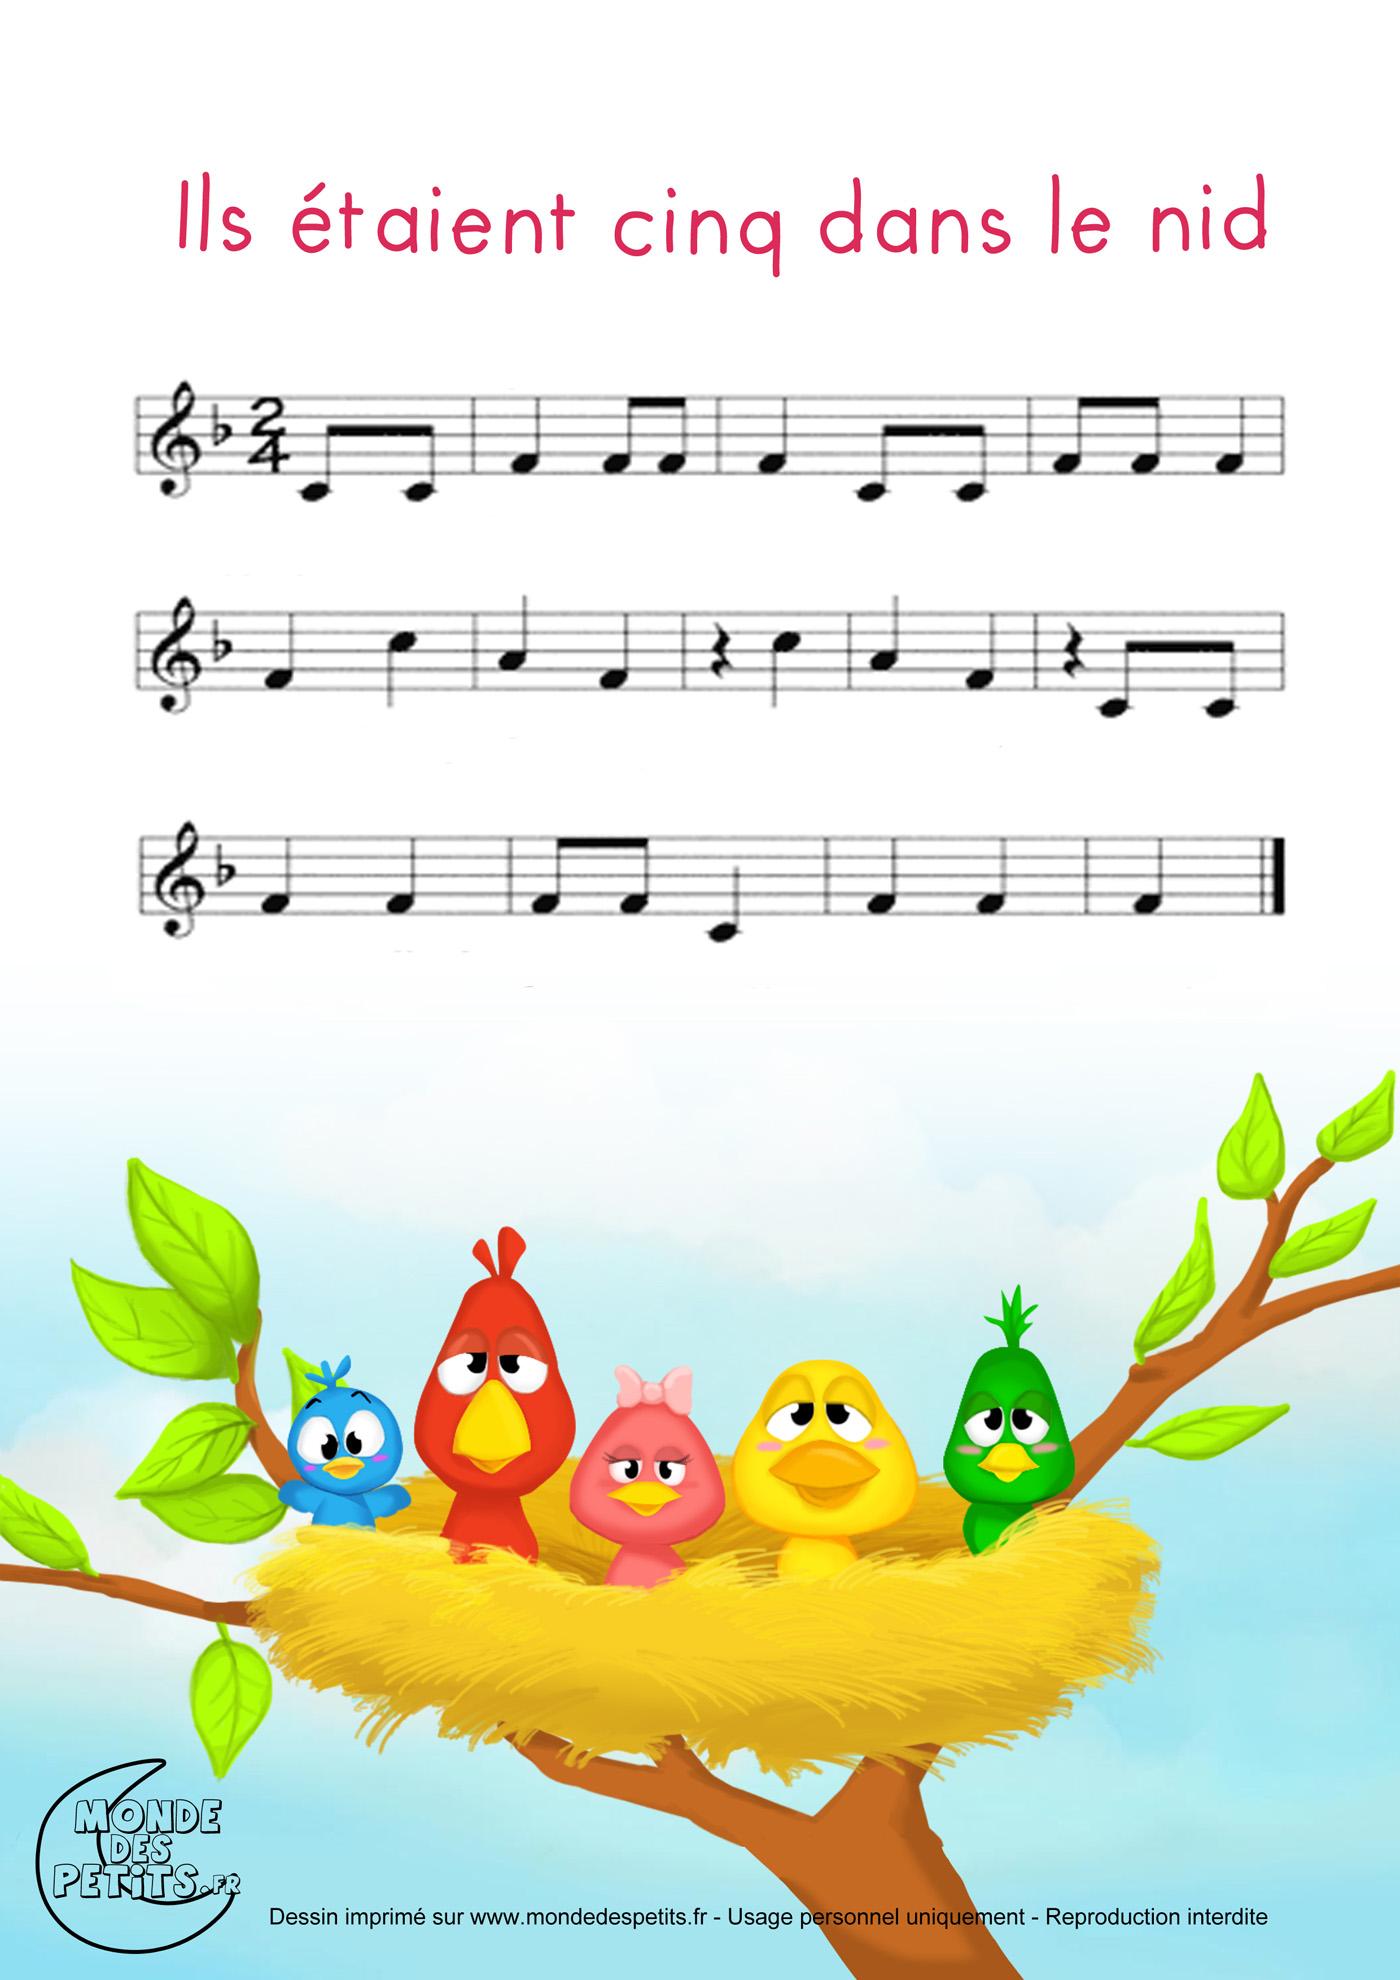 cinq, nid, enfant, comptine, chanson, partition, paroles, vidéo, animée, étaient,